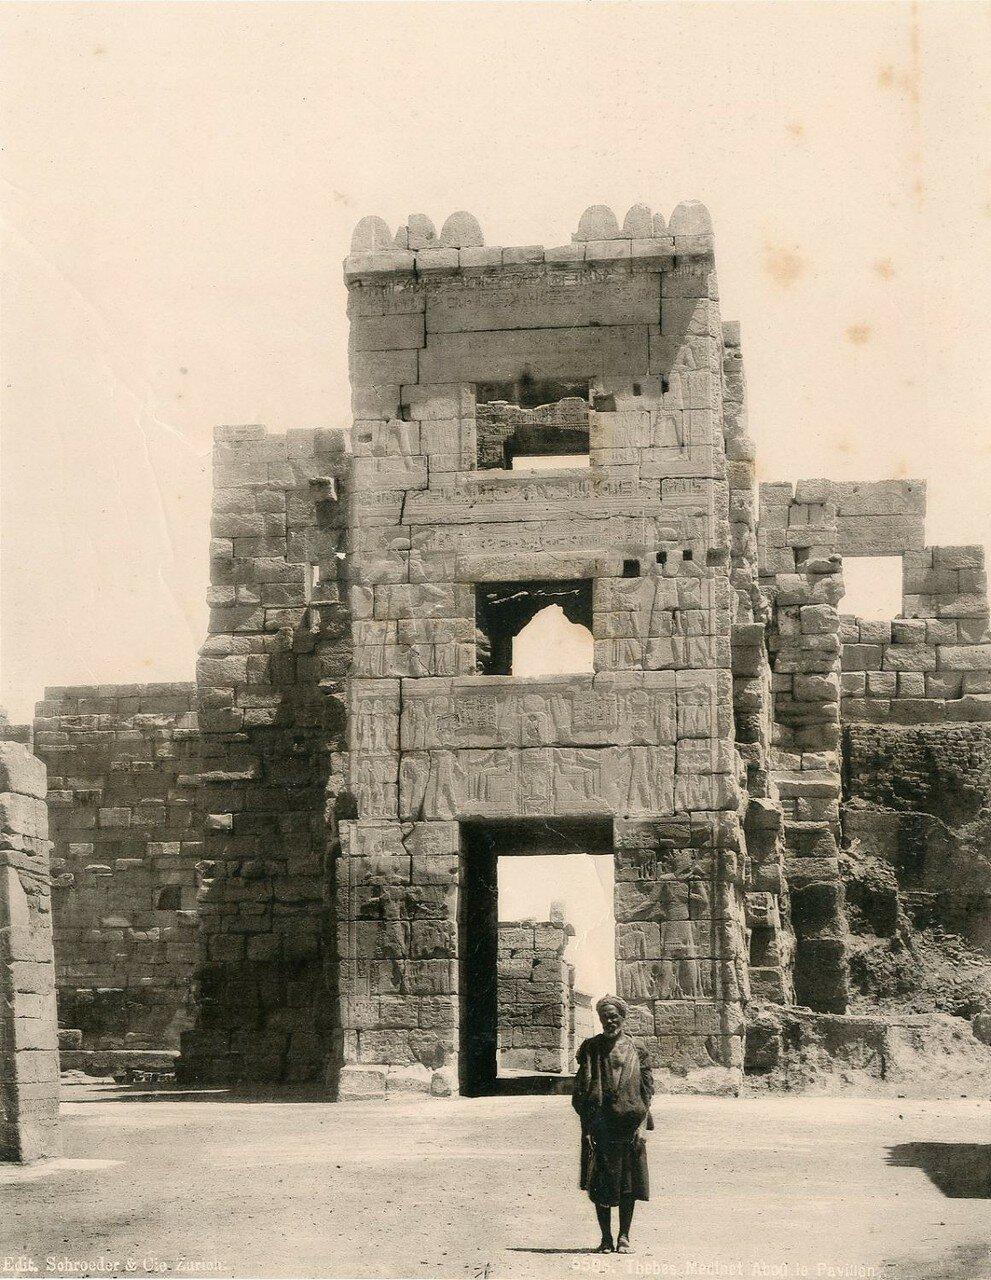 Мединет-Абу. 1900